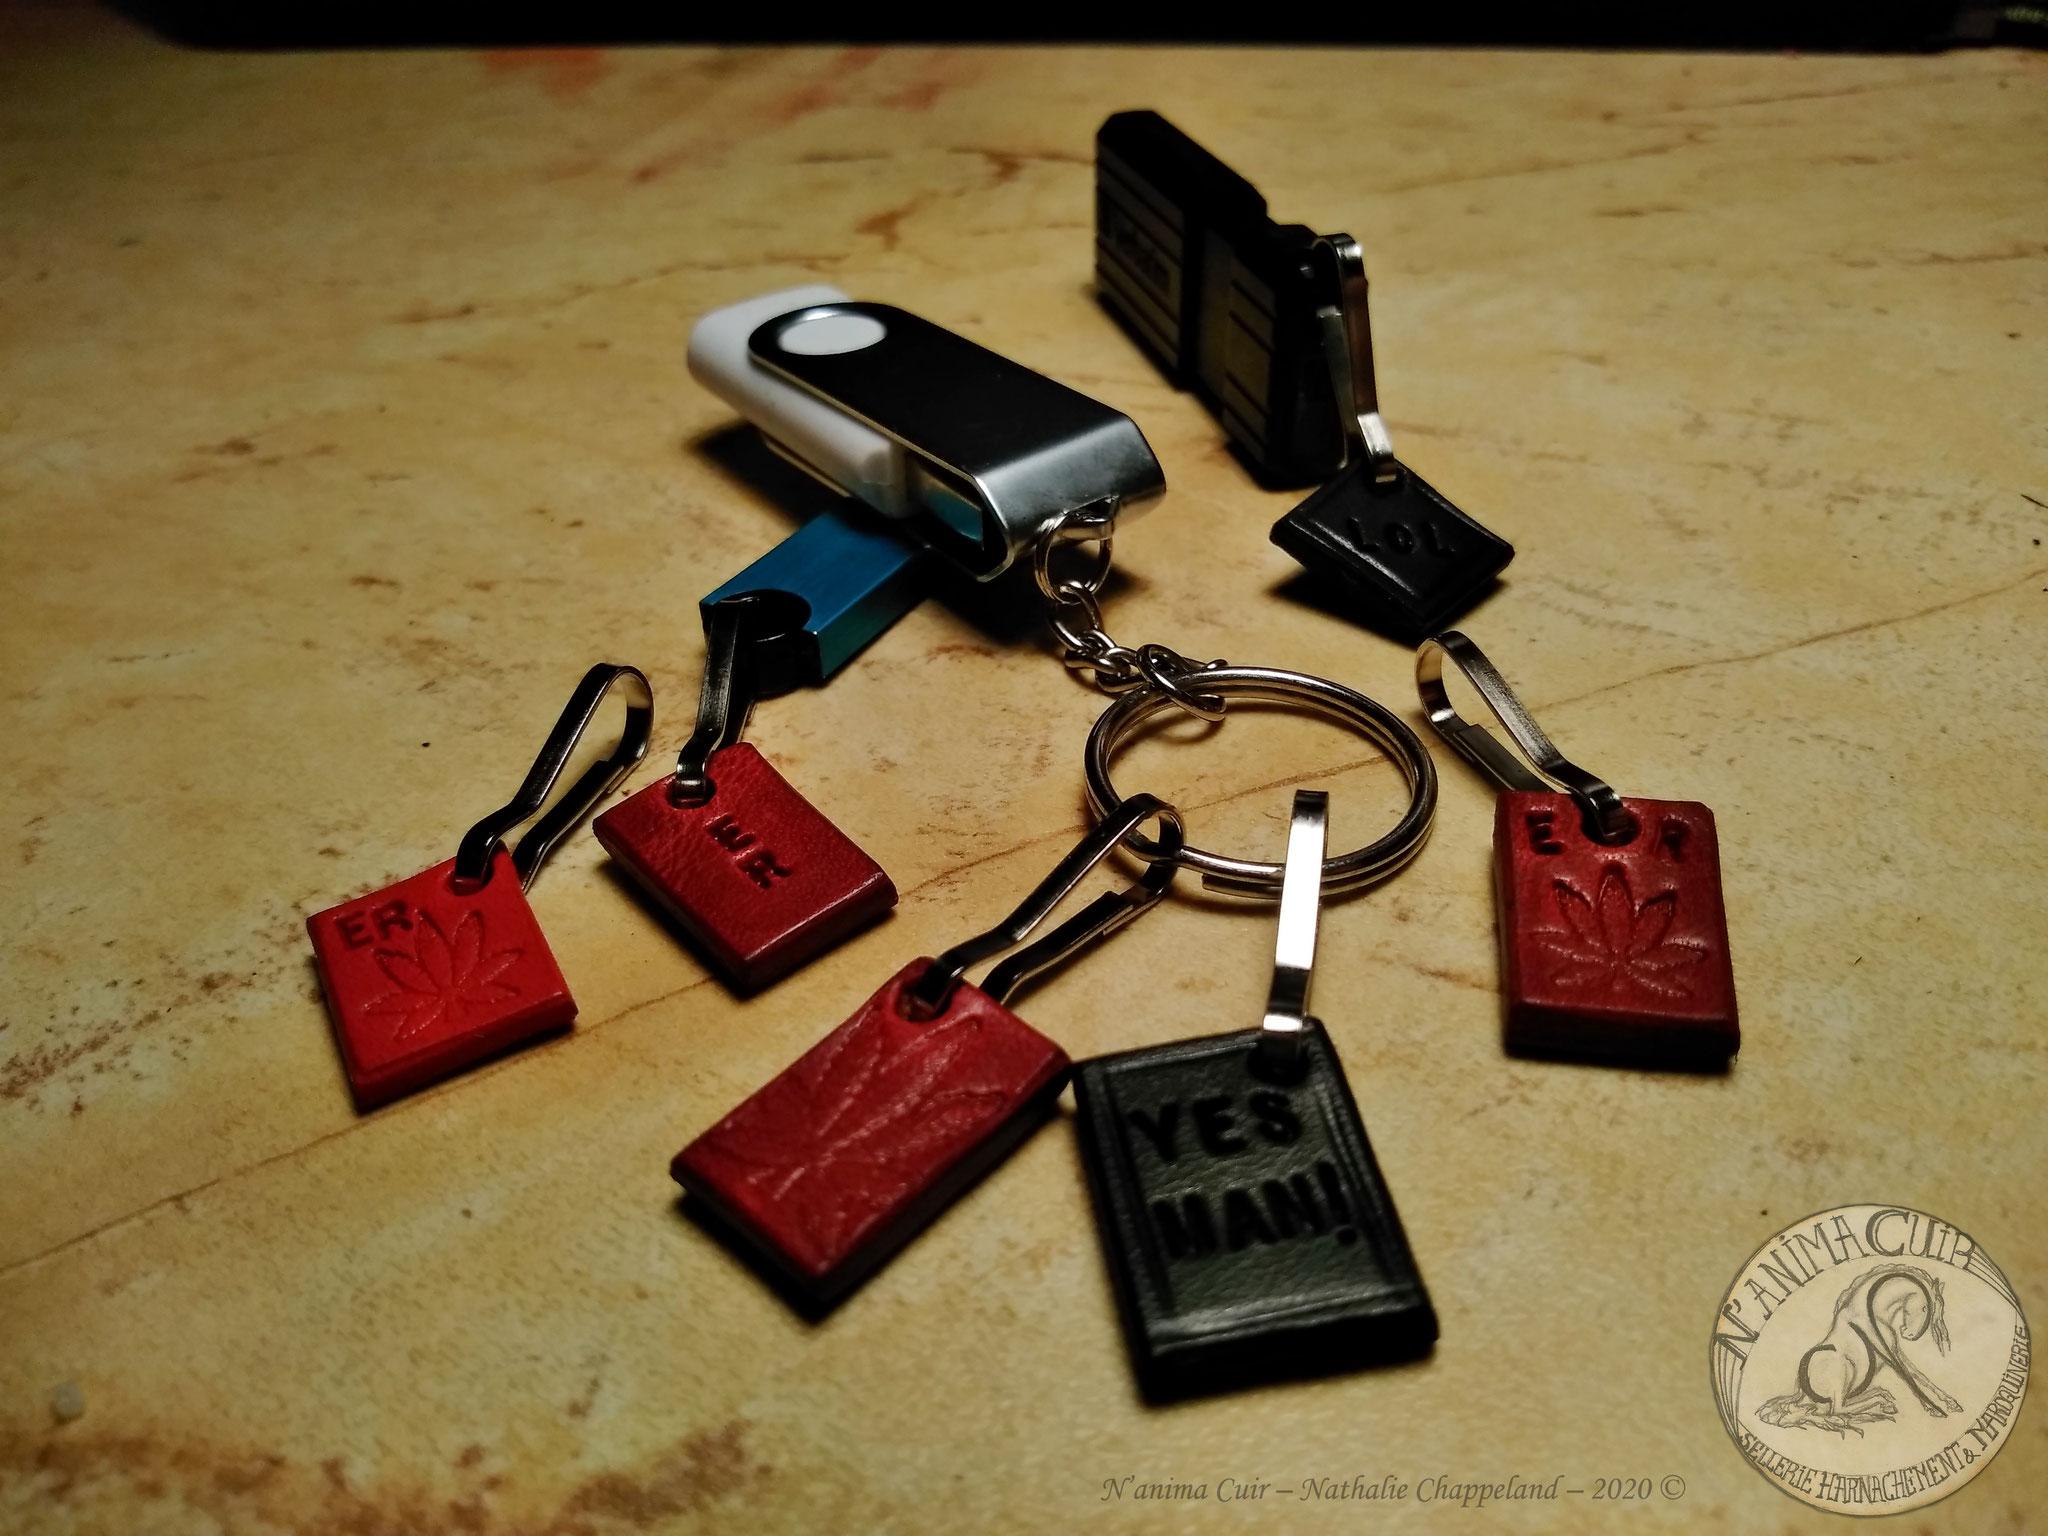 """Porte-clés cuir personnalisés, N'anima Cuir 2020 © .En mini formats, de quoi personnaliser discrètement vos clés usb ... votre portable .. trousse .. (pouvant servir également de petite """"identification"""" par vos initiales, comme cet exemple).  disponible s"""